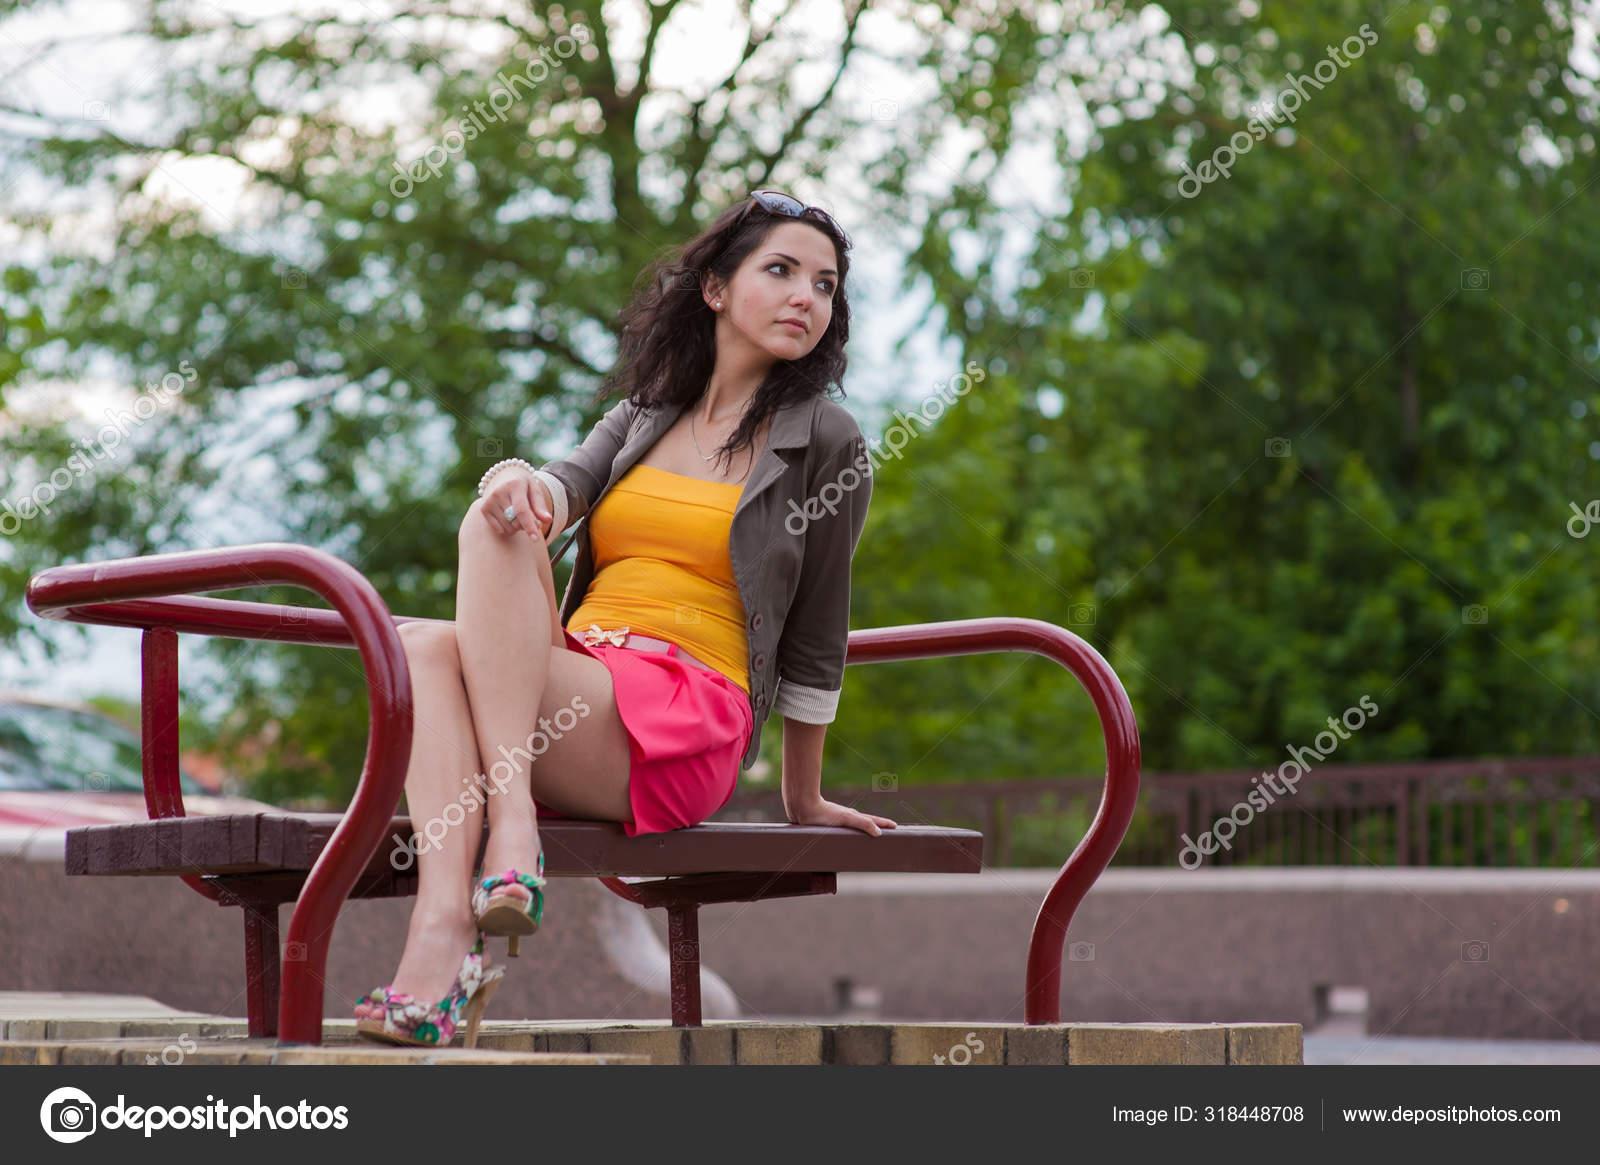 Belle jeune femme dans un parc — Photographie arkusha